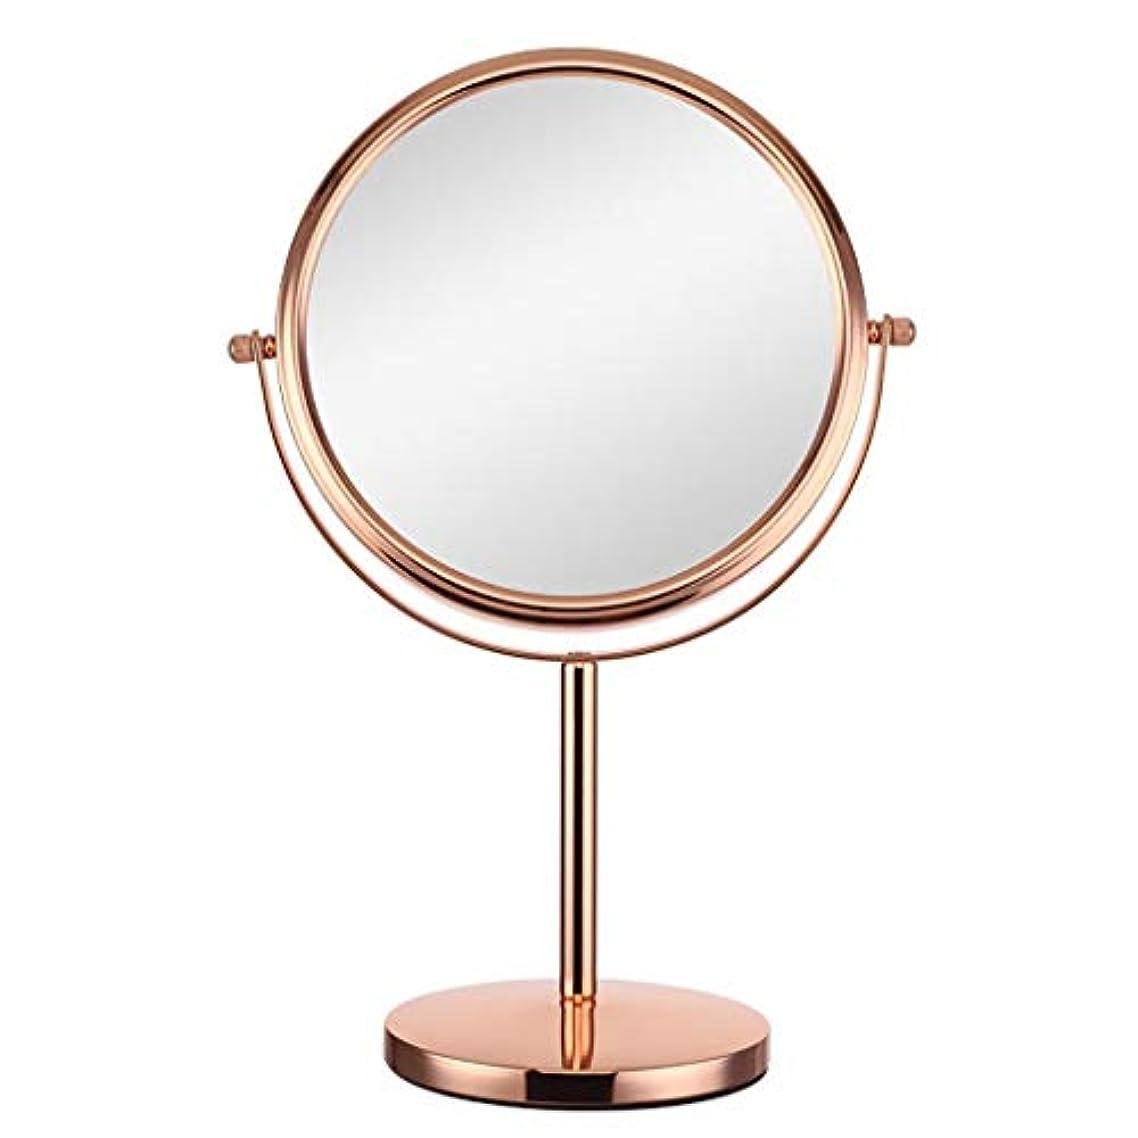 成長する感嘆裕福なカウンタートップバニティミラー 360°回転卓上化粧鏡両面滑り止め台座スタンド付き10倍拡大化粧鏡寝室または浴室で剃る (Color : Rose gold, Size : 8 inches 10X)